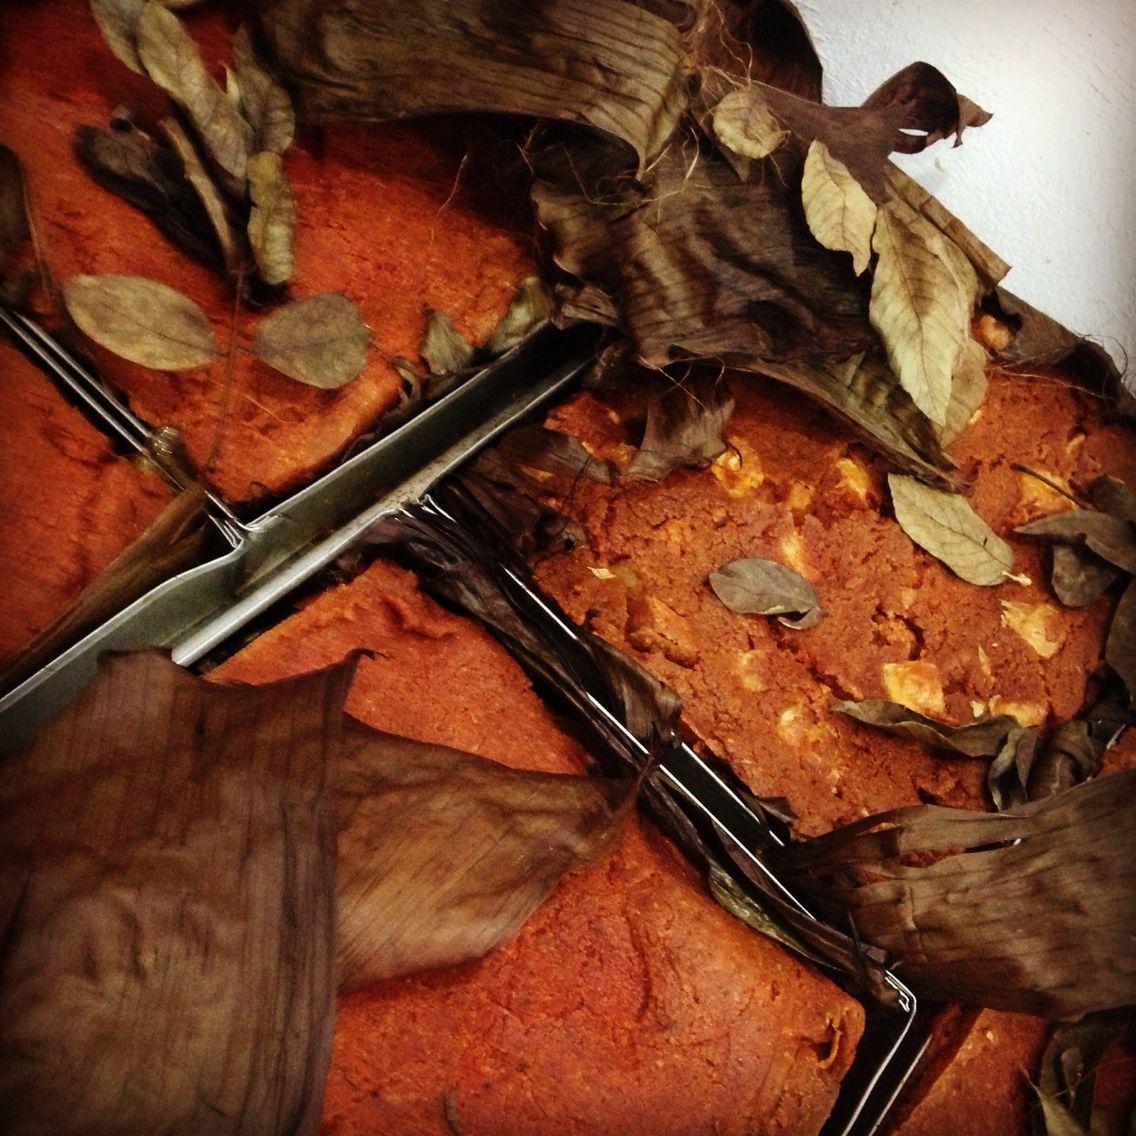 Comida yucateca típica de día de muertos, tamal horneado en tierra.